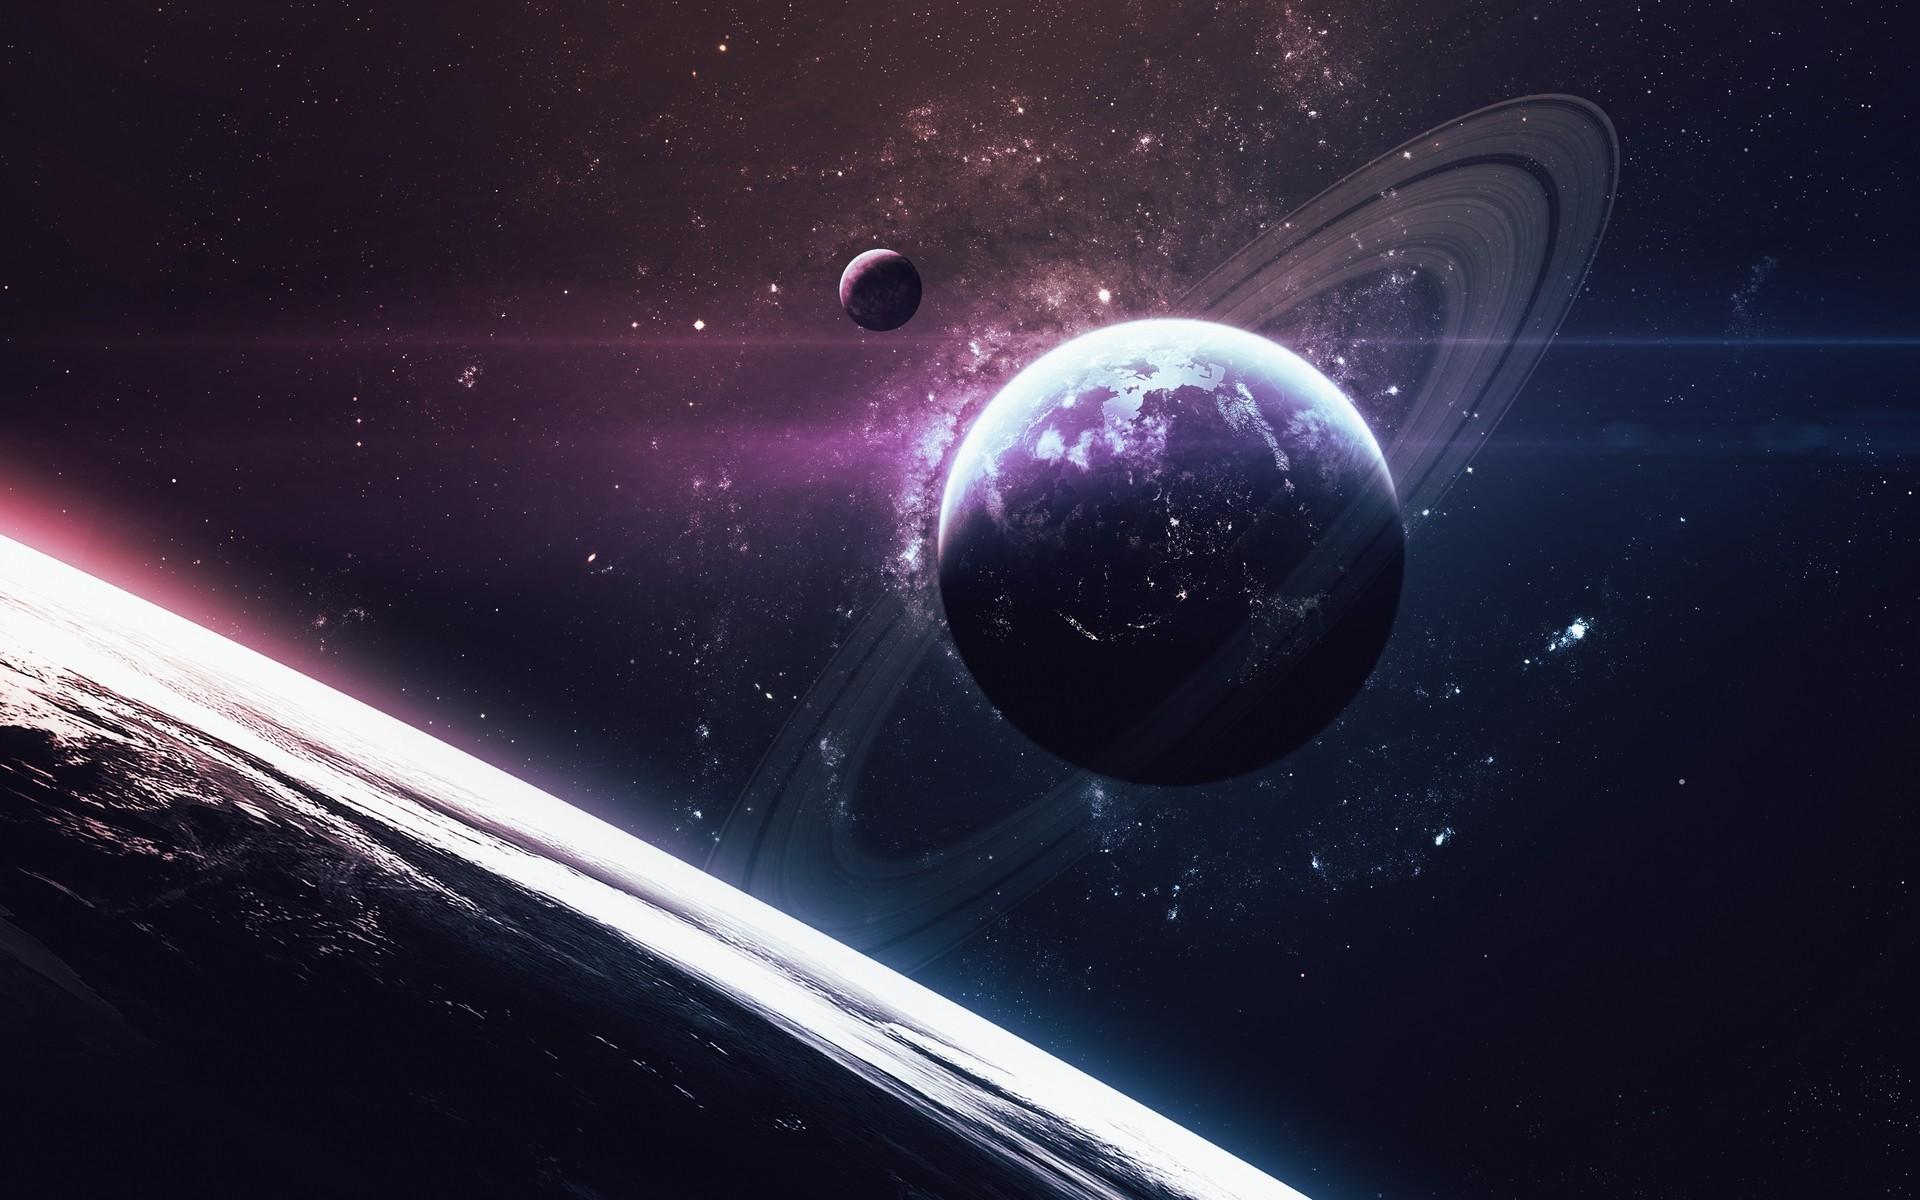 Звёздное небо и космос в картинках - Страница 5 Vadim-sadovski-d12-2